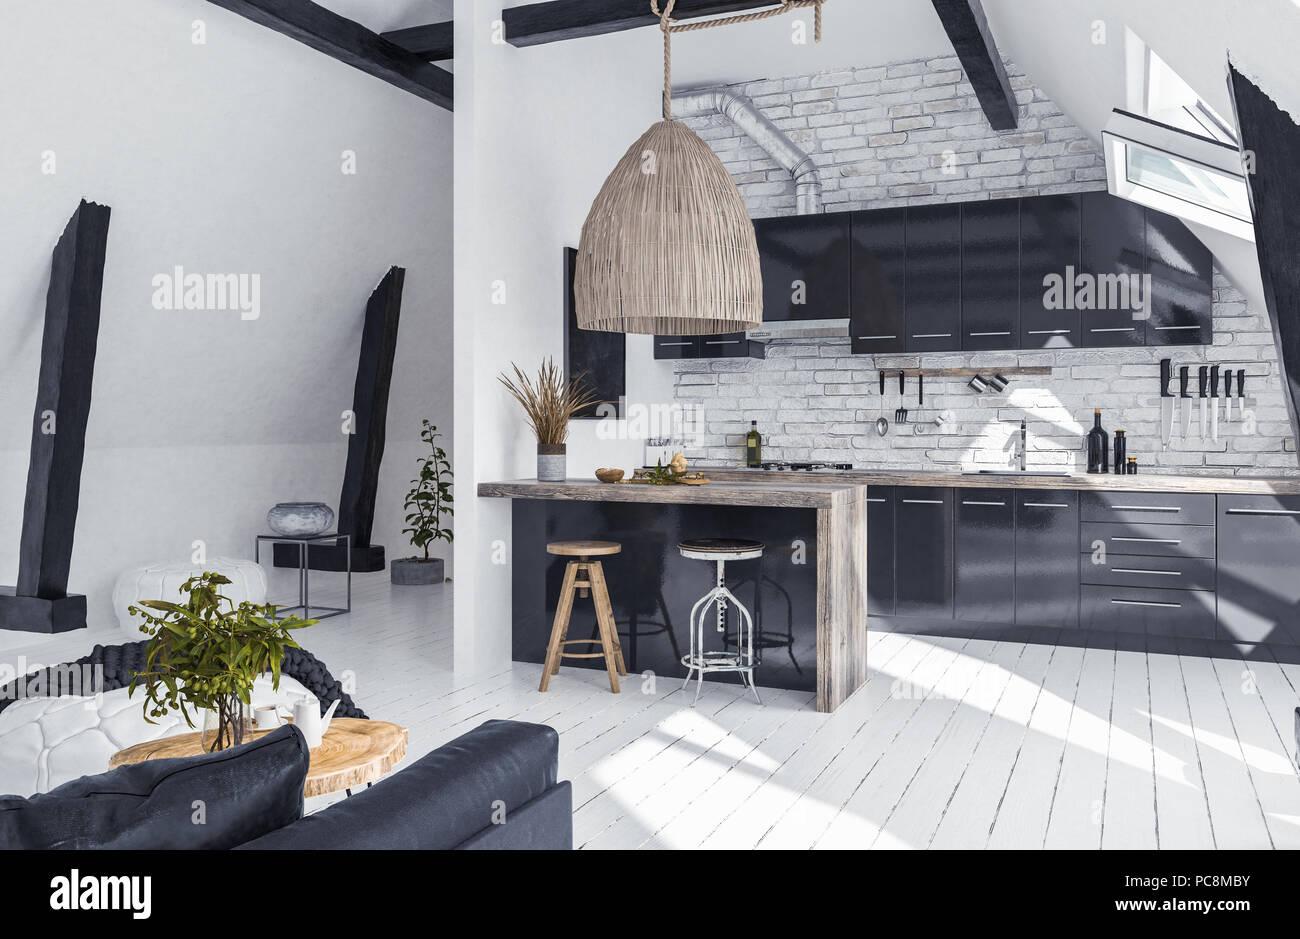 Luxury Black Loft Style Kitchen Stockfotos  Luxury Black